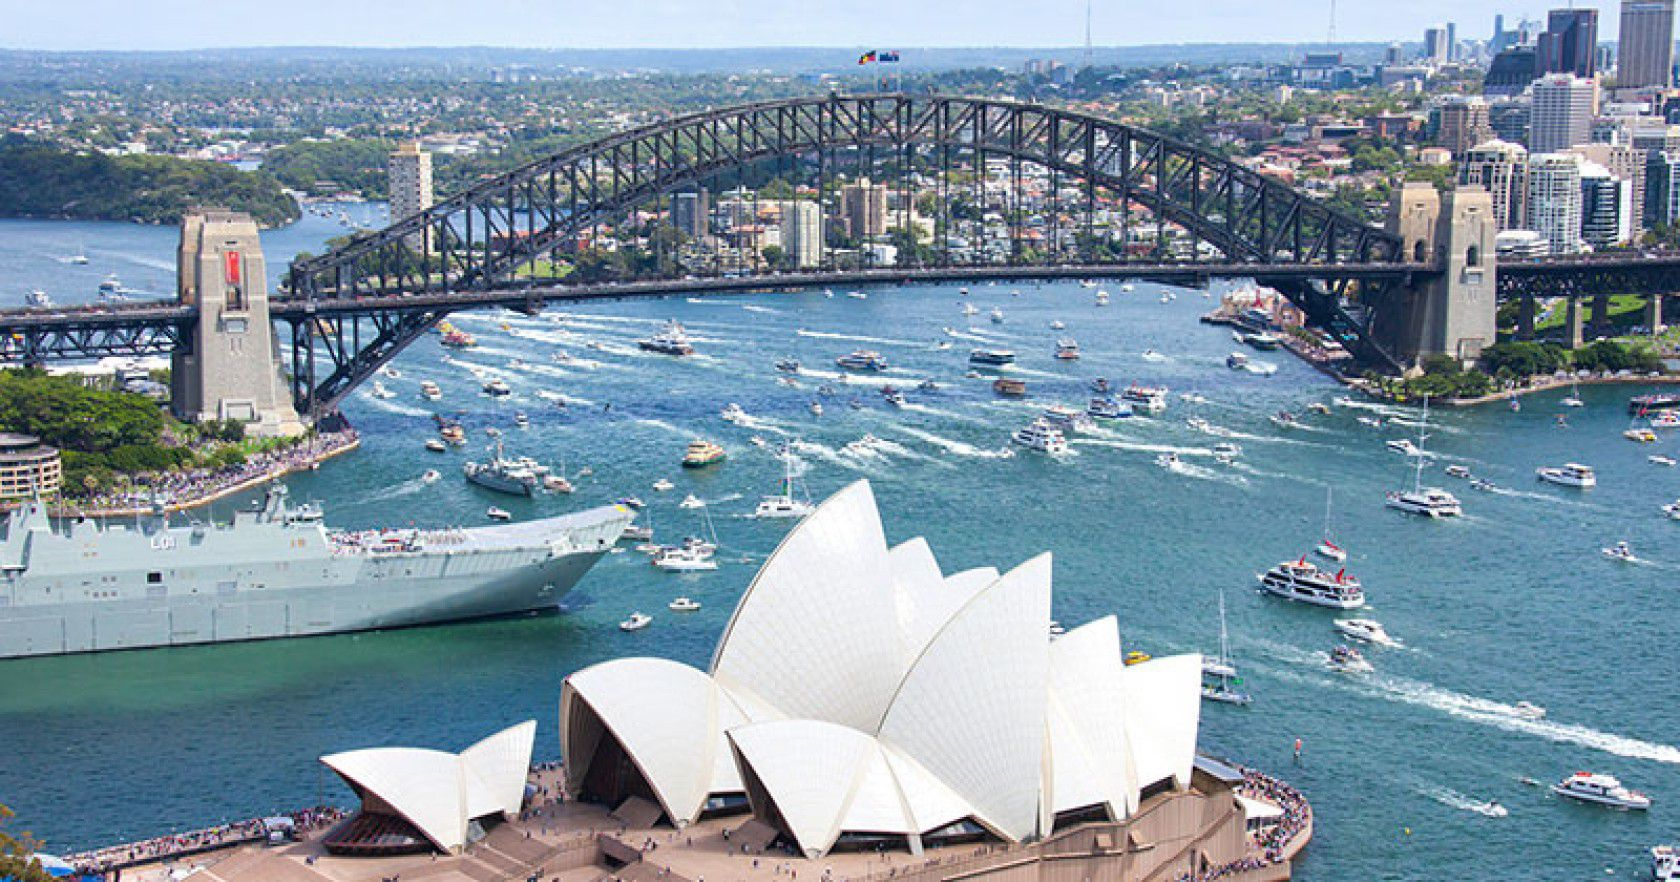 Avustralya Lise Eğitimi SLEP Sınavı Başvuru Koşulları Nelerdir?